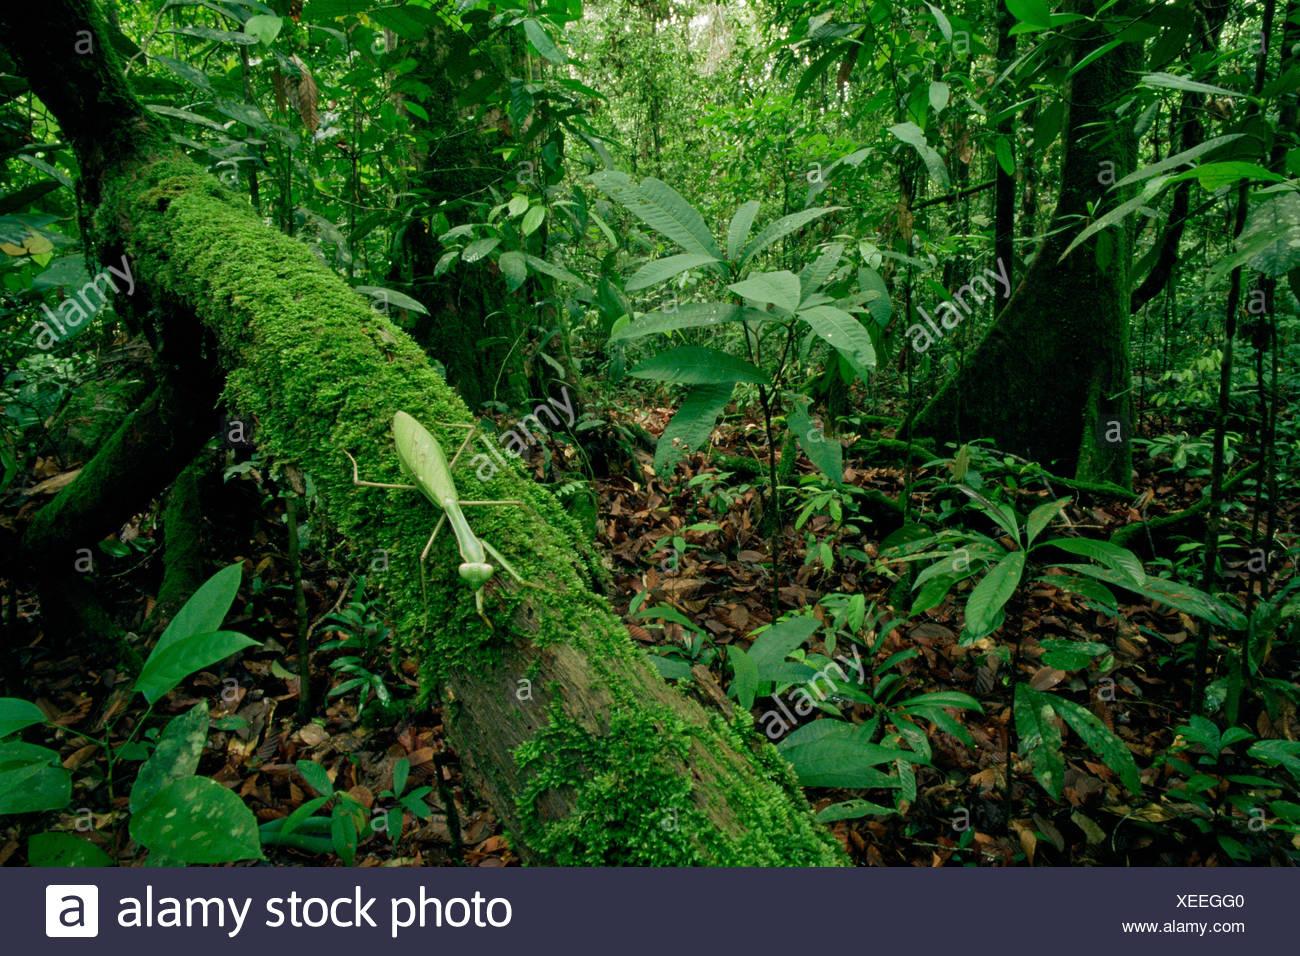 Gottesanbeterin (Mantodea) grüne mimischen Blatttyp entlang einem moosigen Zweig im Tiefland-Regenwald, Gunung Palung Nationalpark, Borneo, West Kalimantan, Indonesien Stockbild